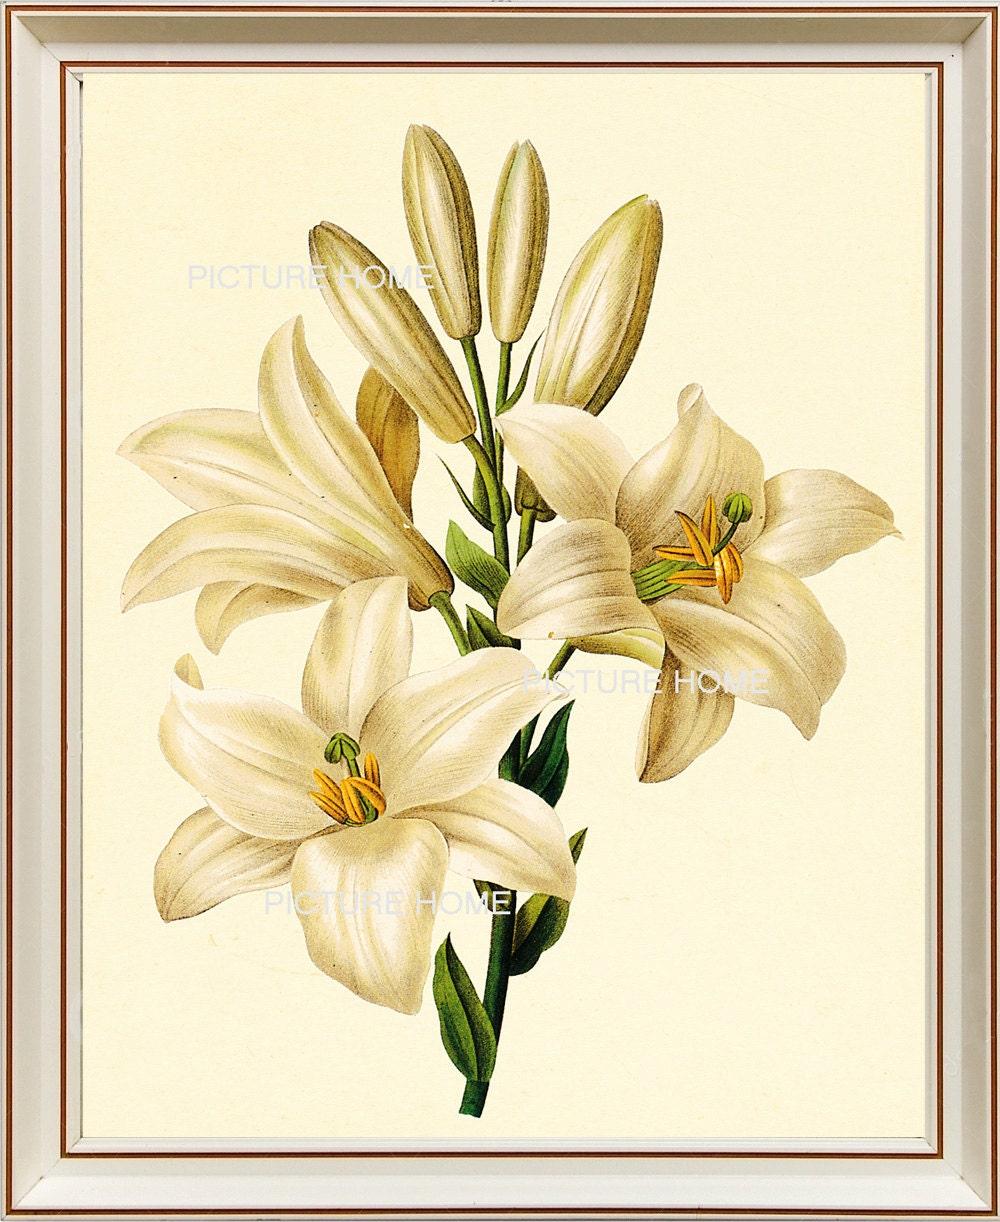 Weiße Lilie Blume botanischen Drucken 89 schöne 8 X 10 antike